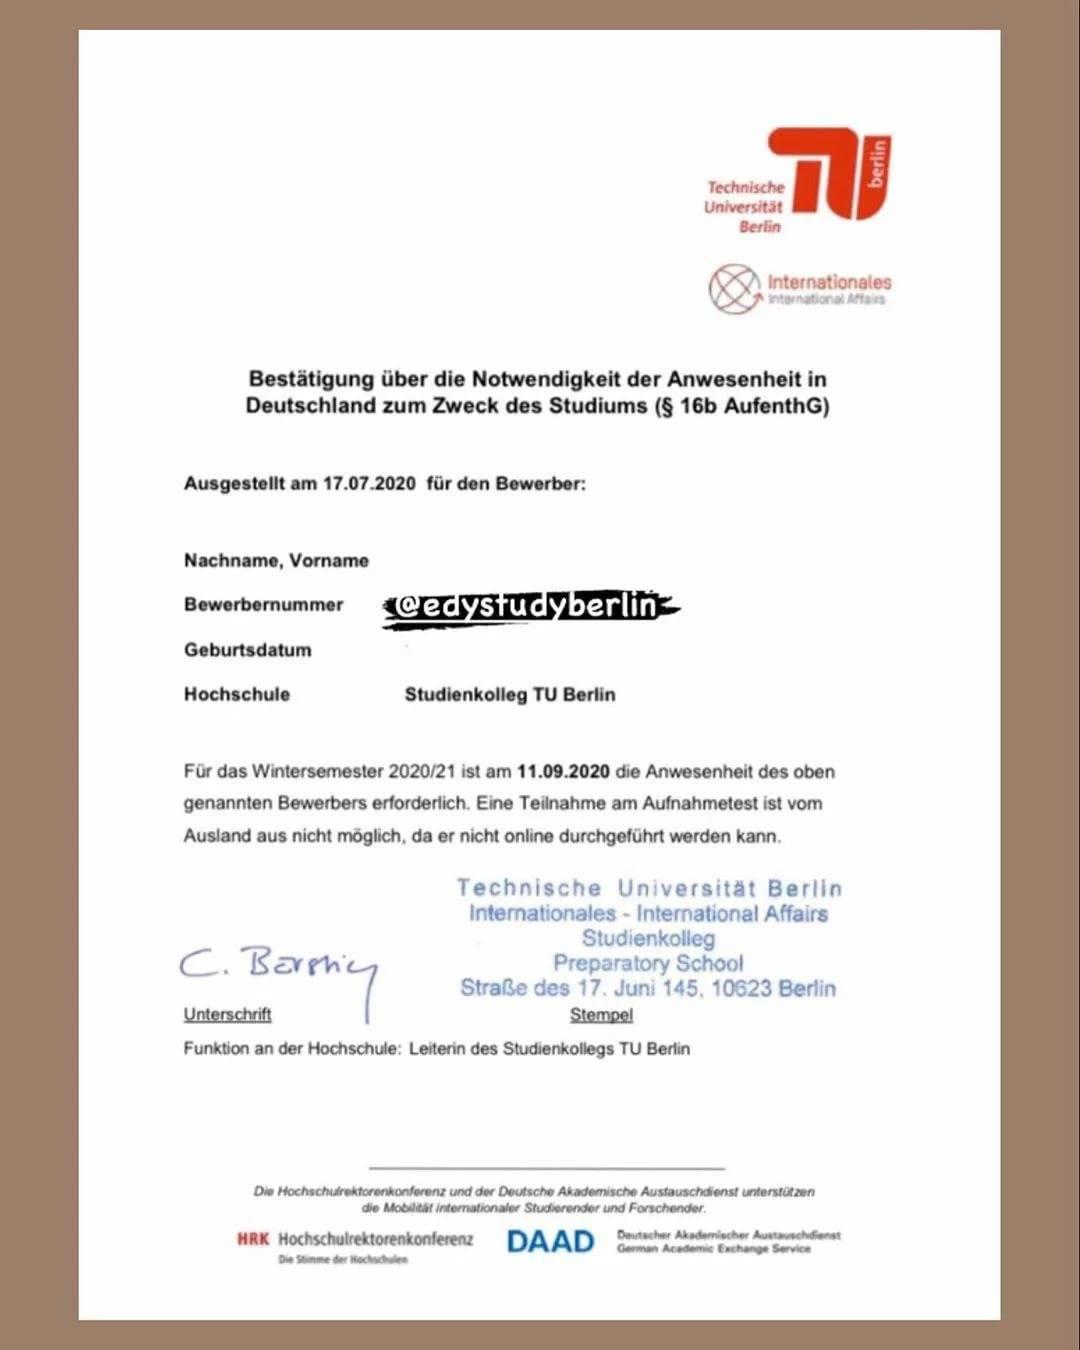 Магистратура в германии в 2021 году: как поступить, обучение, стоимость